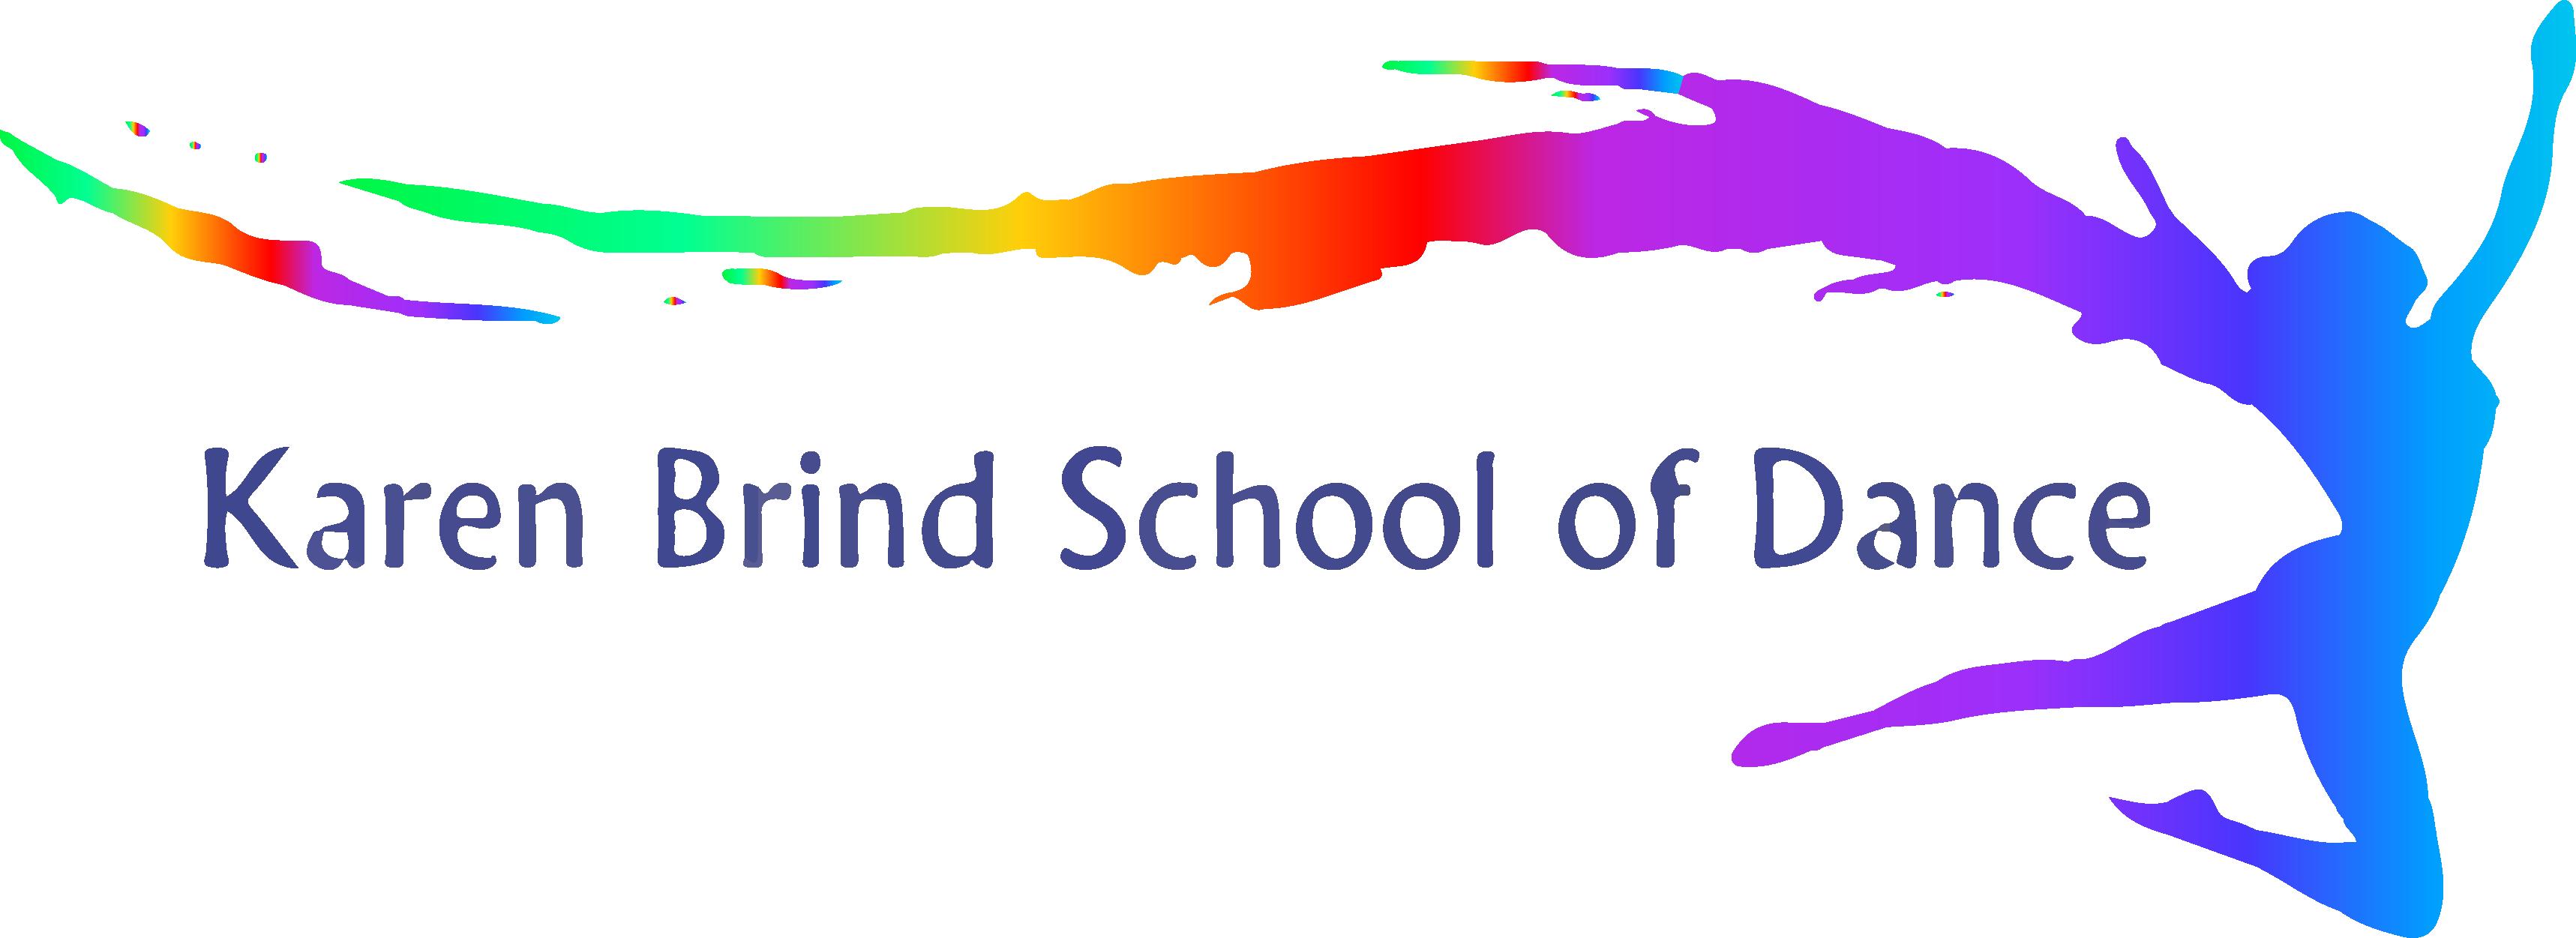 Karen Brind School Of Dance